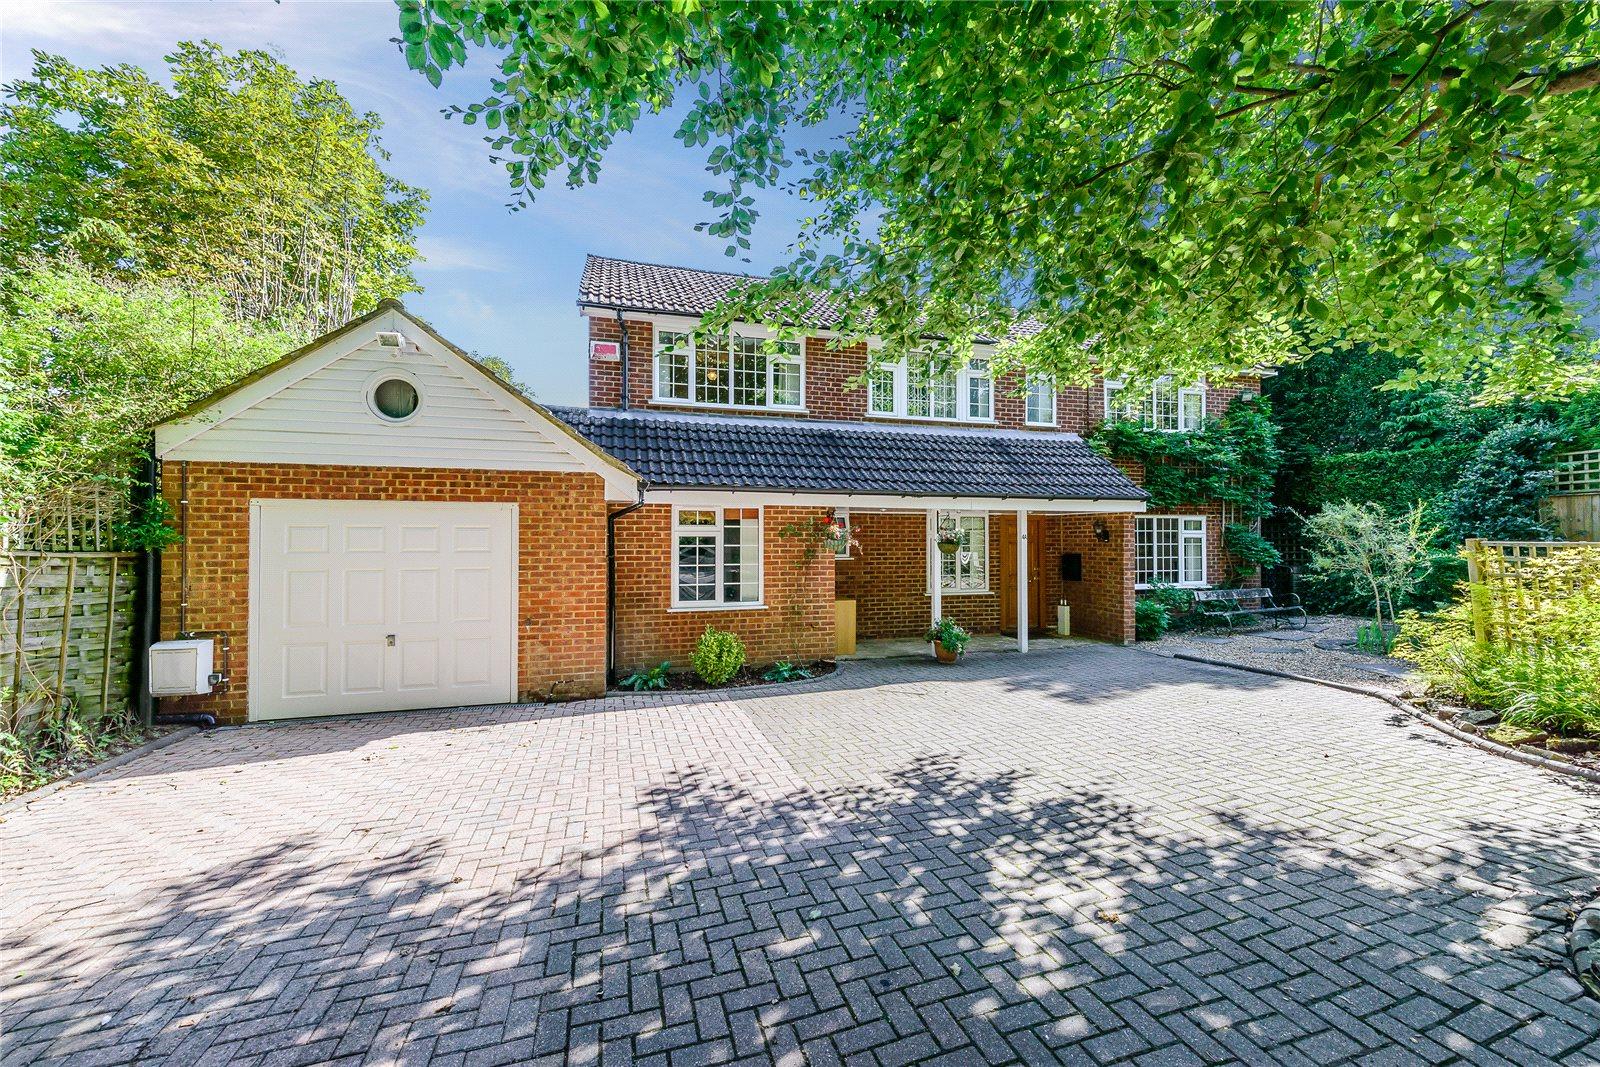 Частный дом для того Продажа на Pit Farm Road, Guildford, Surrey, GU1 Guildford, Англия